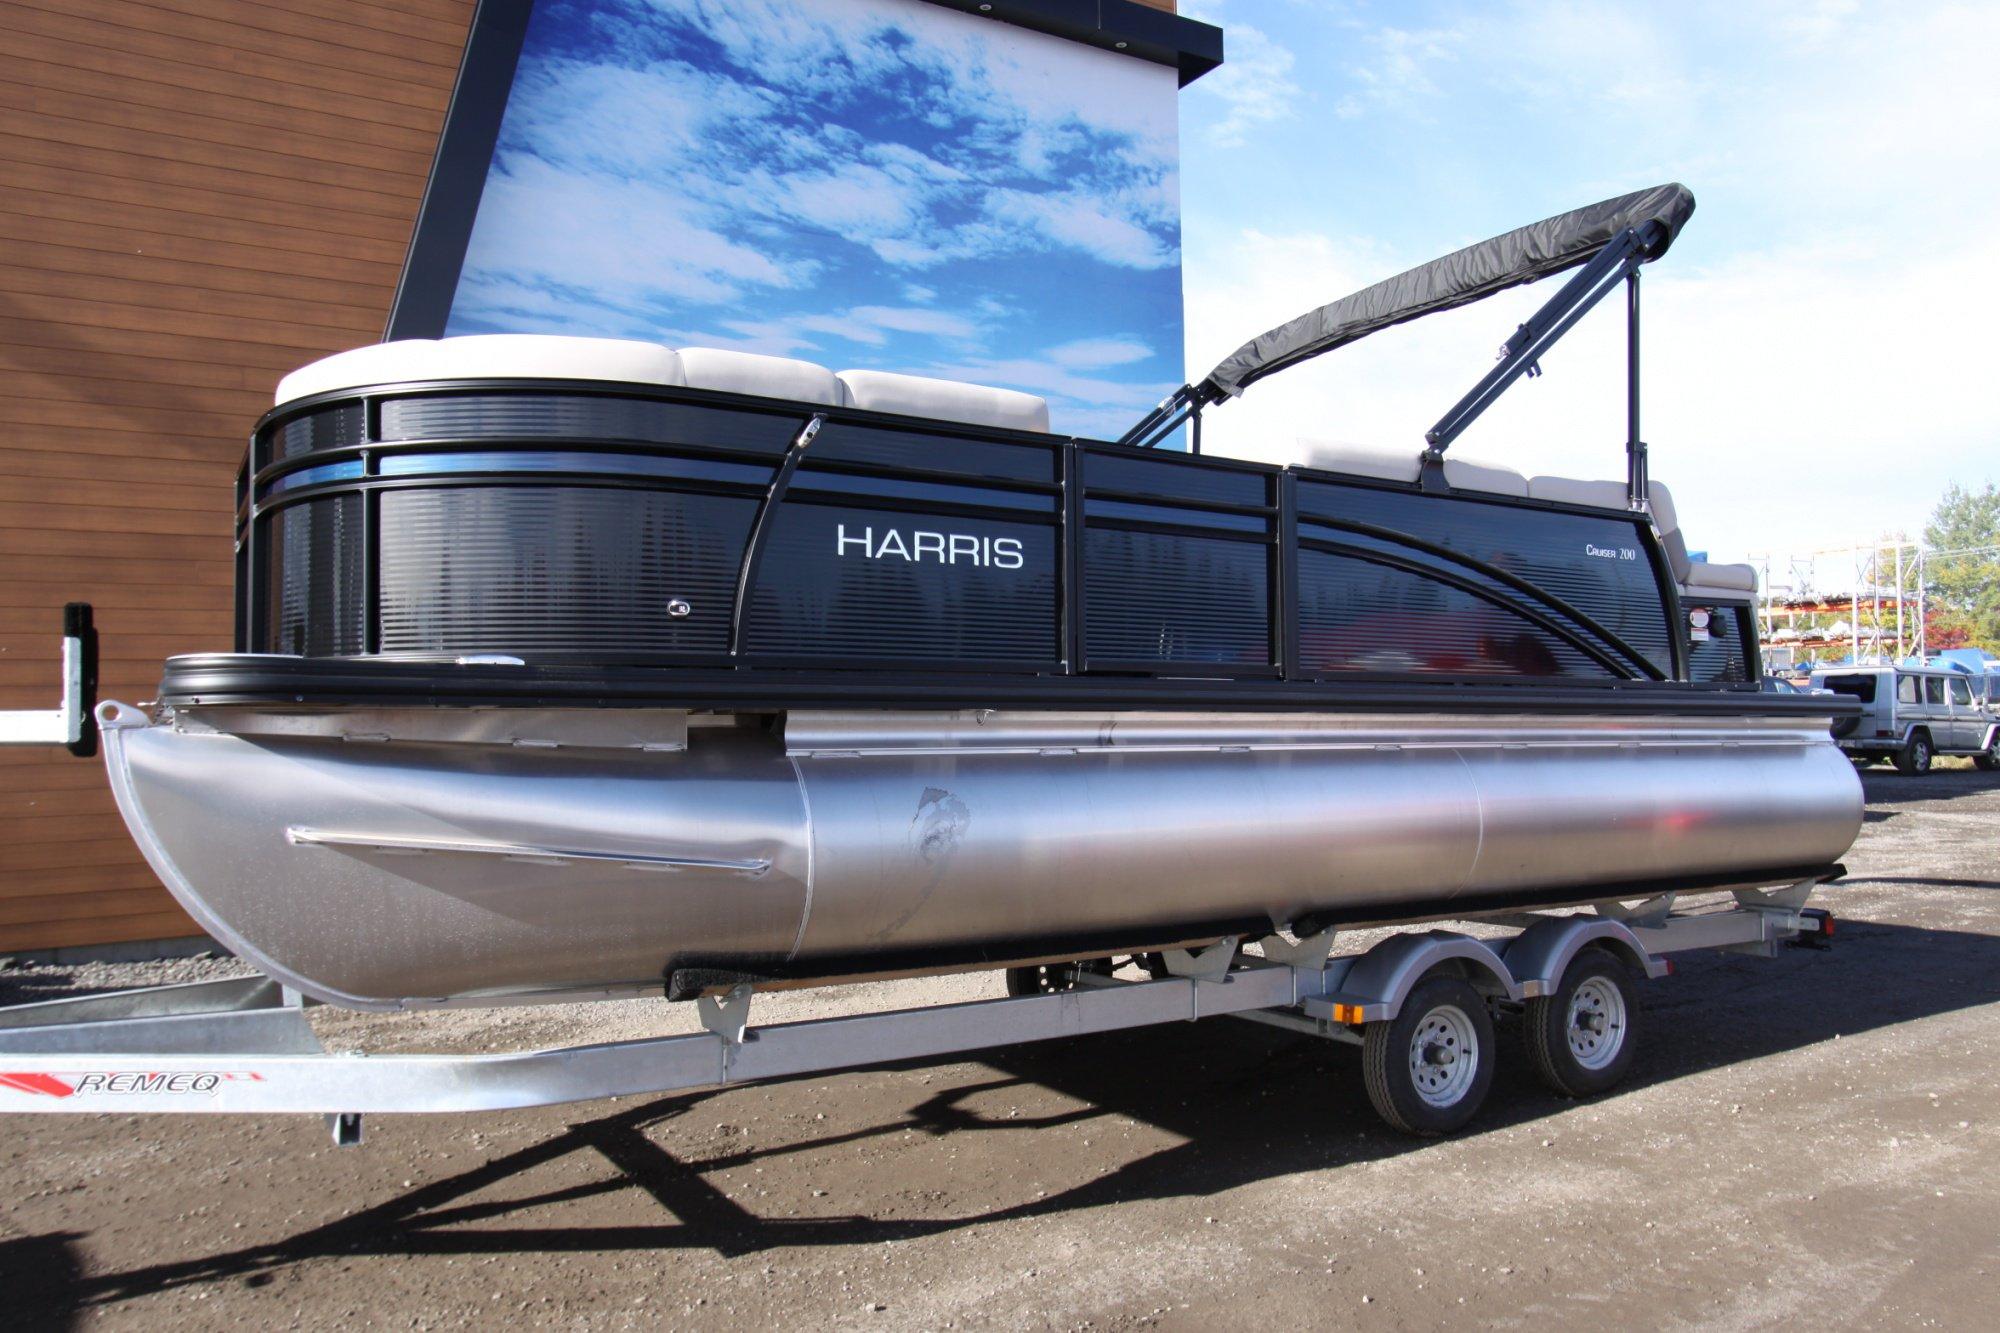 Harris Cruiser 200 - IMG_6195